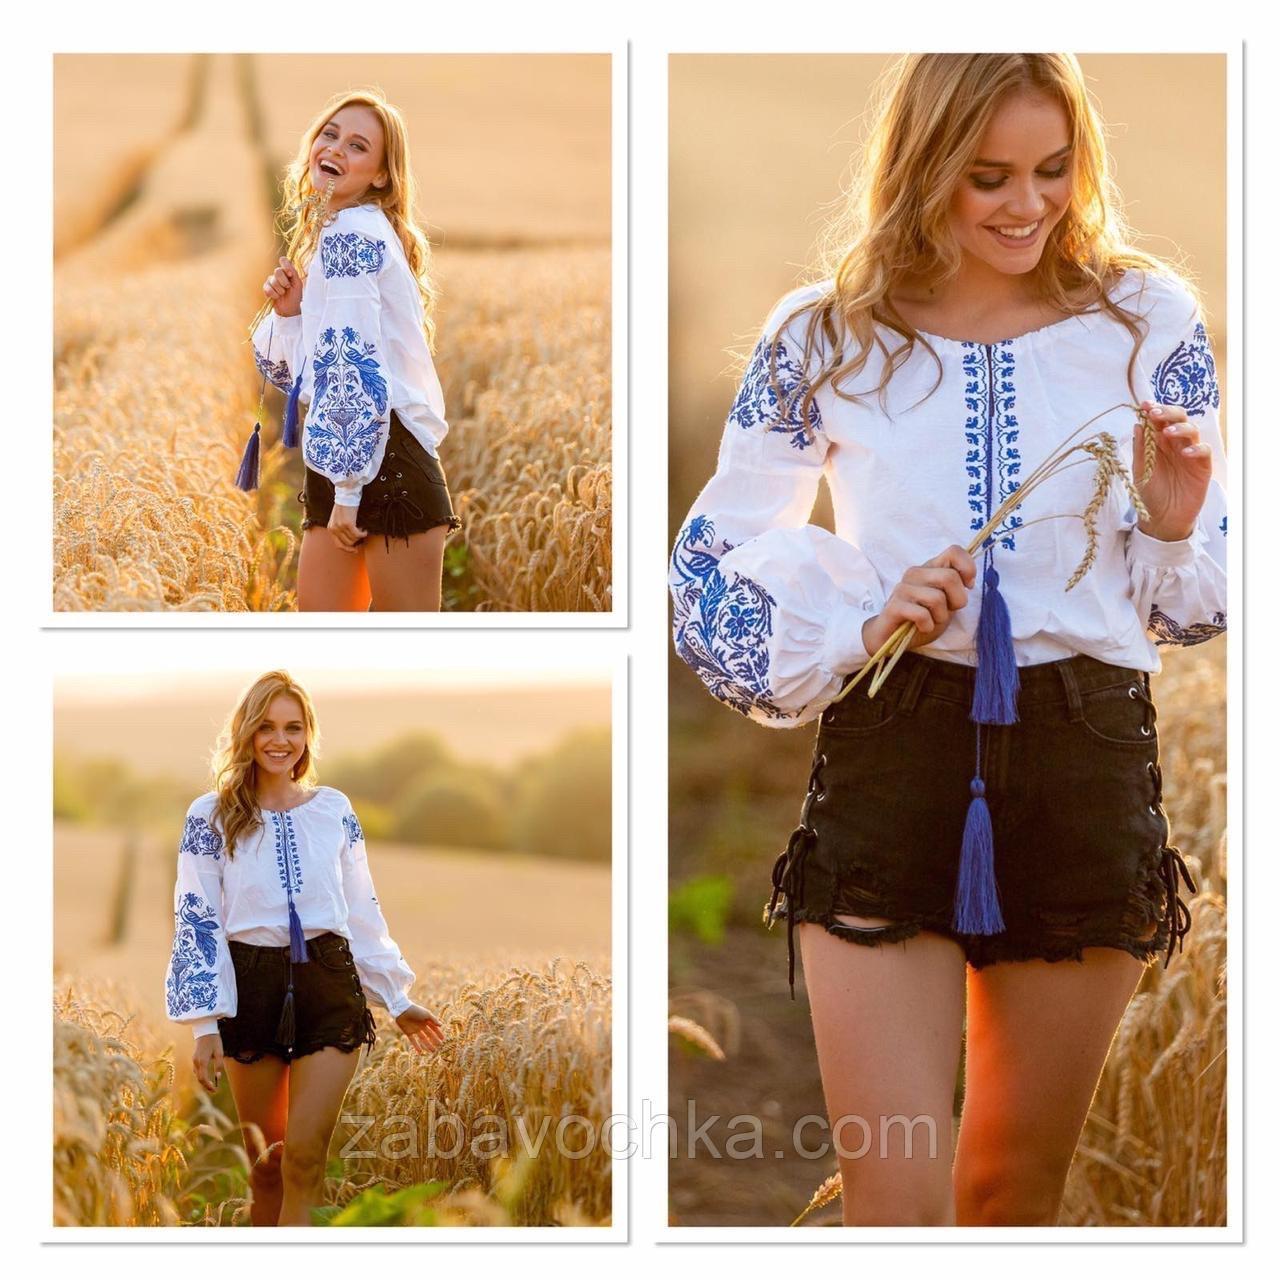 Жіноча біла вишиванка з натуральної тканини, вишивка хрестиком! 600/750 грн (ціна за 1 шт +150 грн)